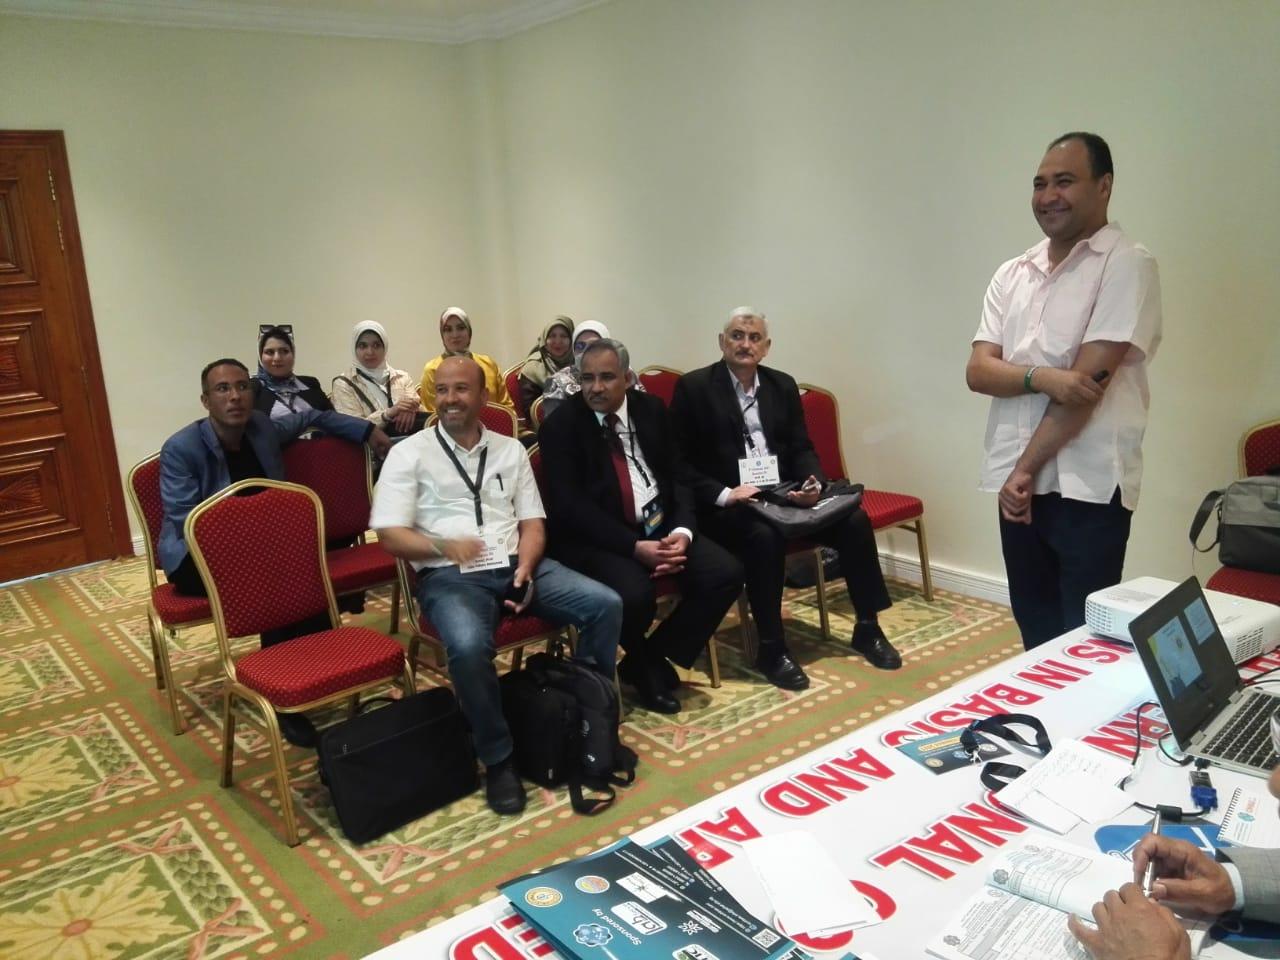 استمرار فعاليات المؤتمر الدولي للآفاق الجديدة فى العلوم الأساسية والتطبيقية بالغردقة   صور